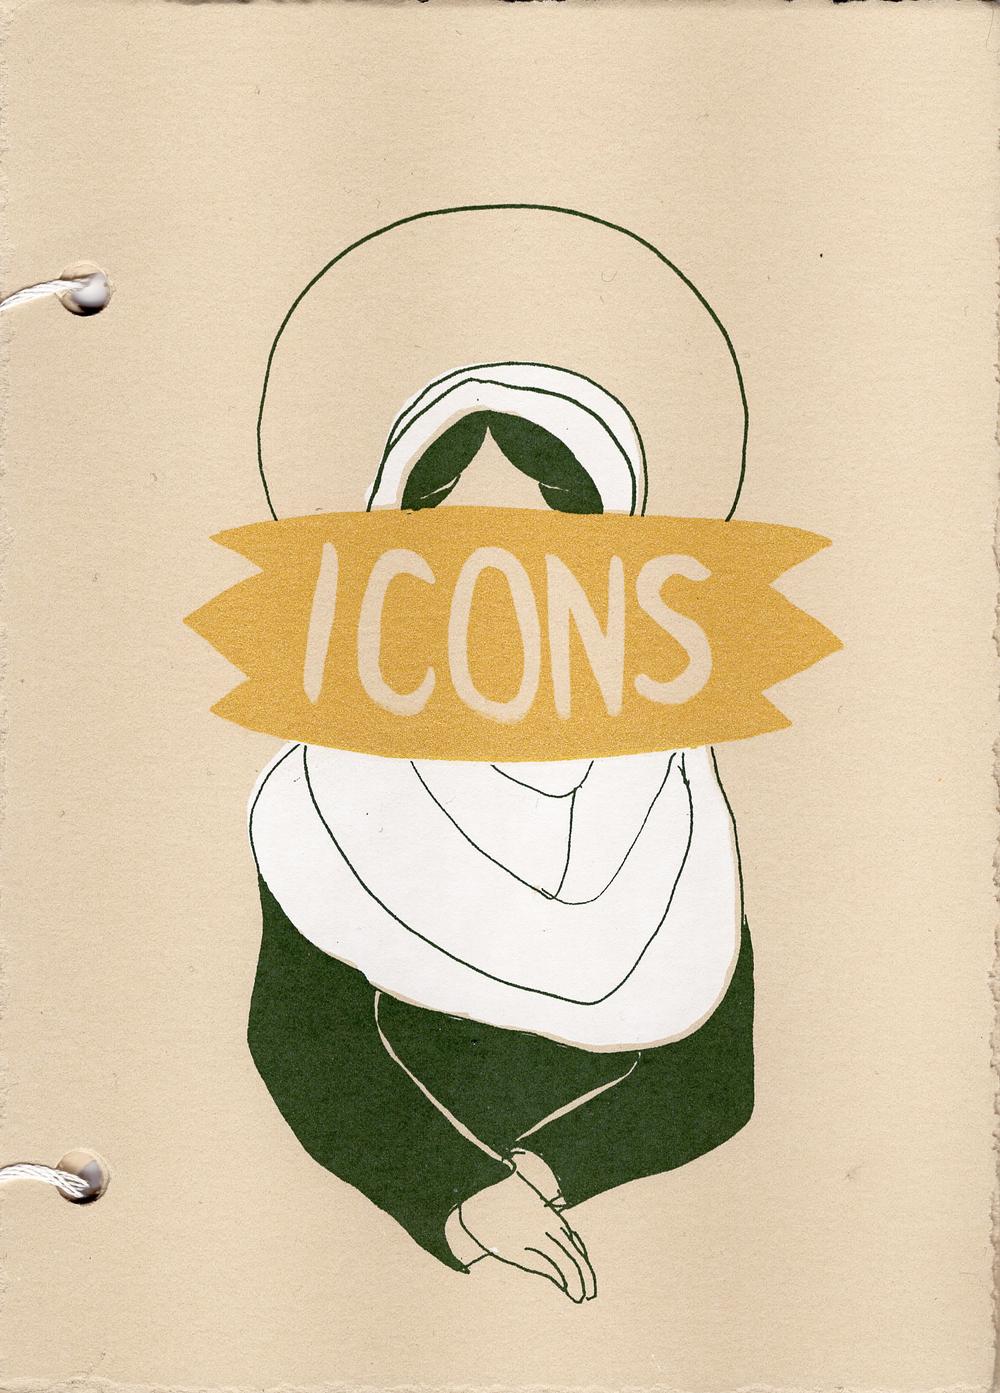 Icons, 2016